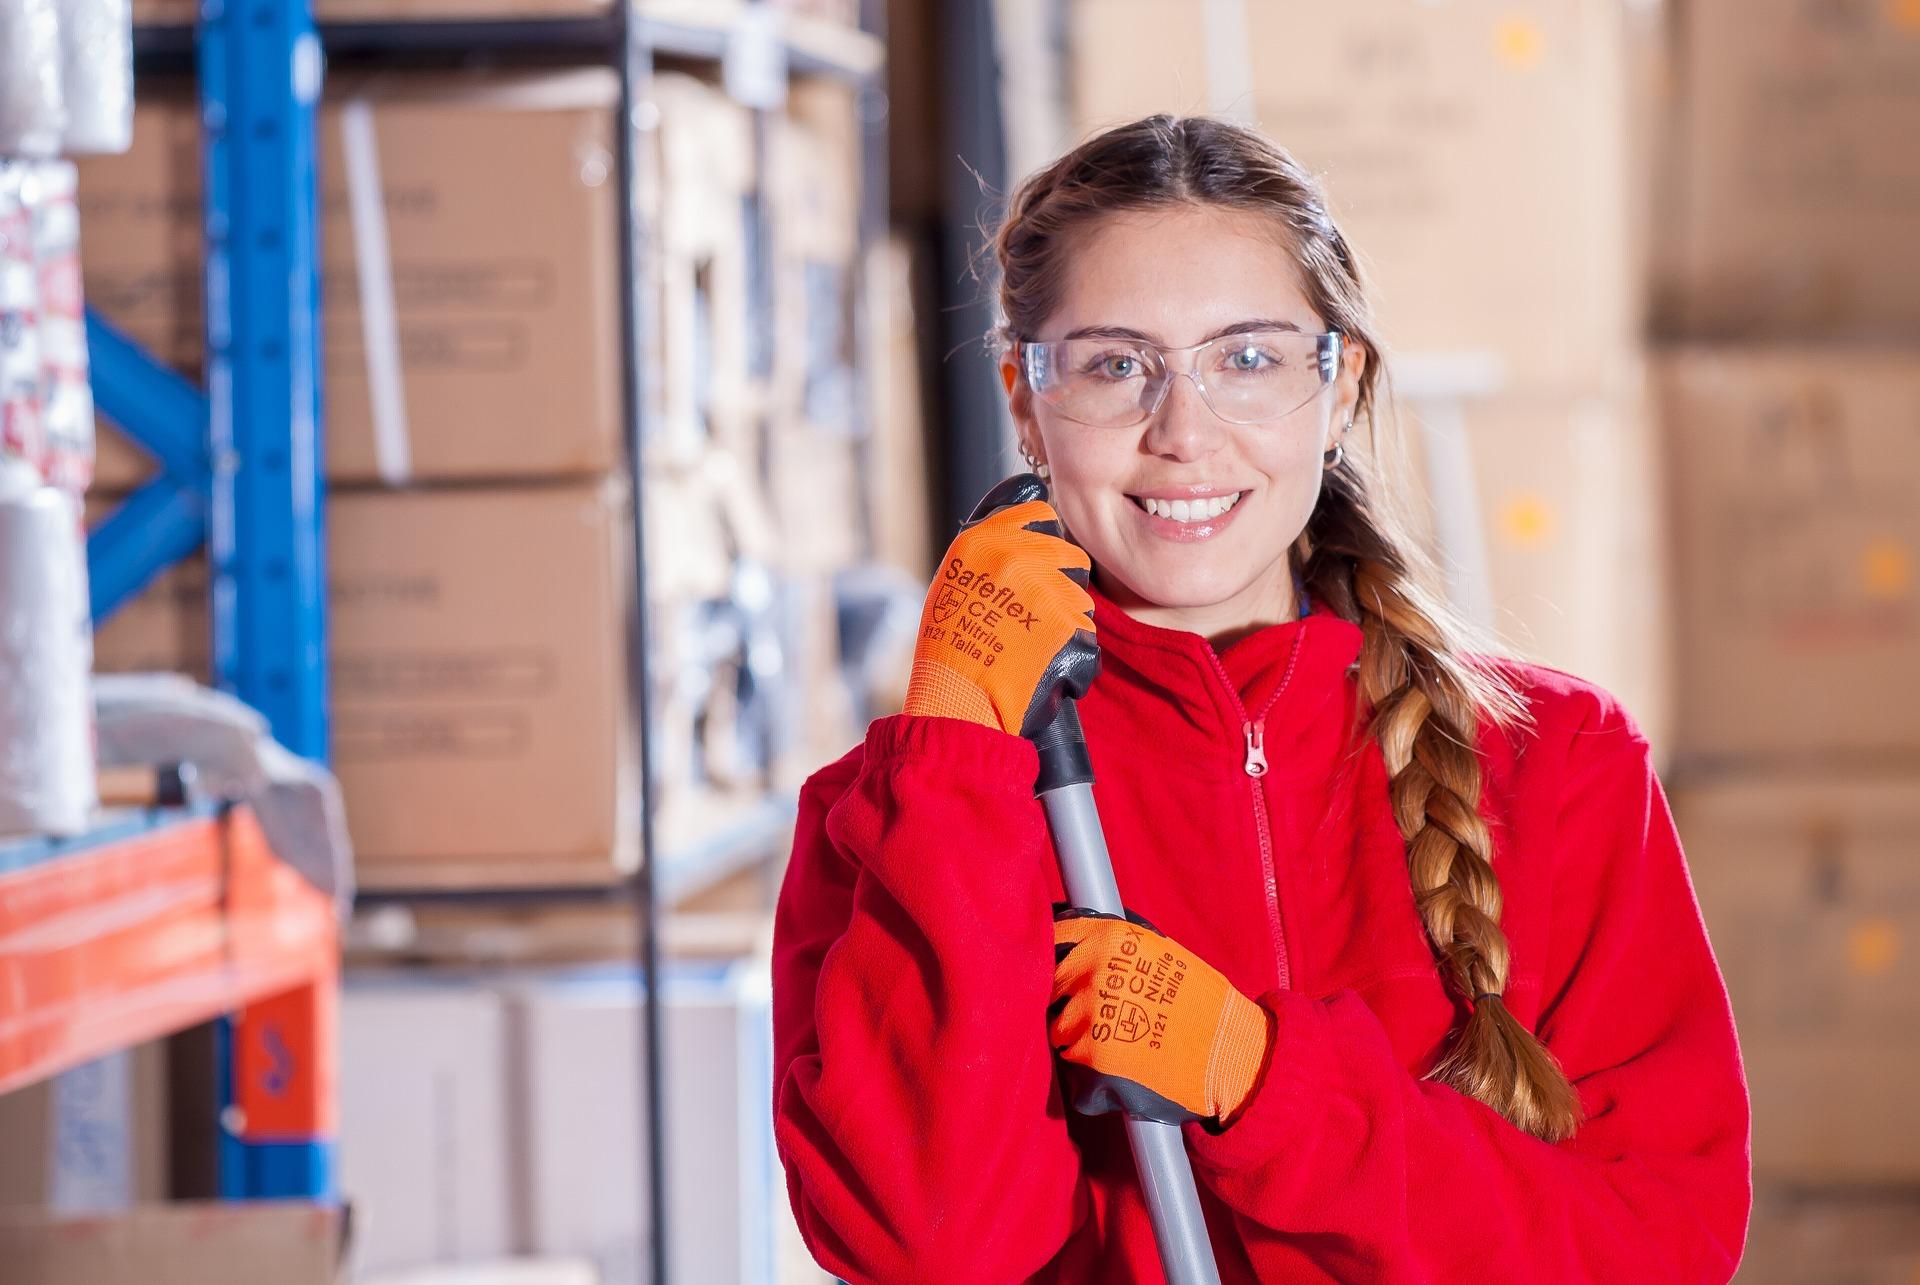 Gebäudereinigung und Unterhaltsreinigung. Reinigungsfrau posiert mit Besen. Wir reinigen Ihr Büro.